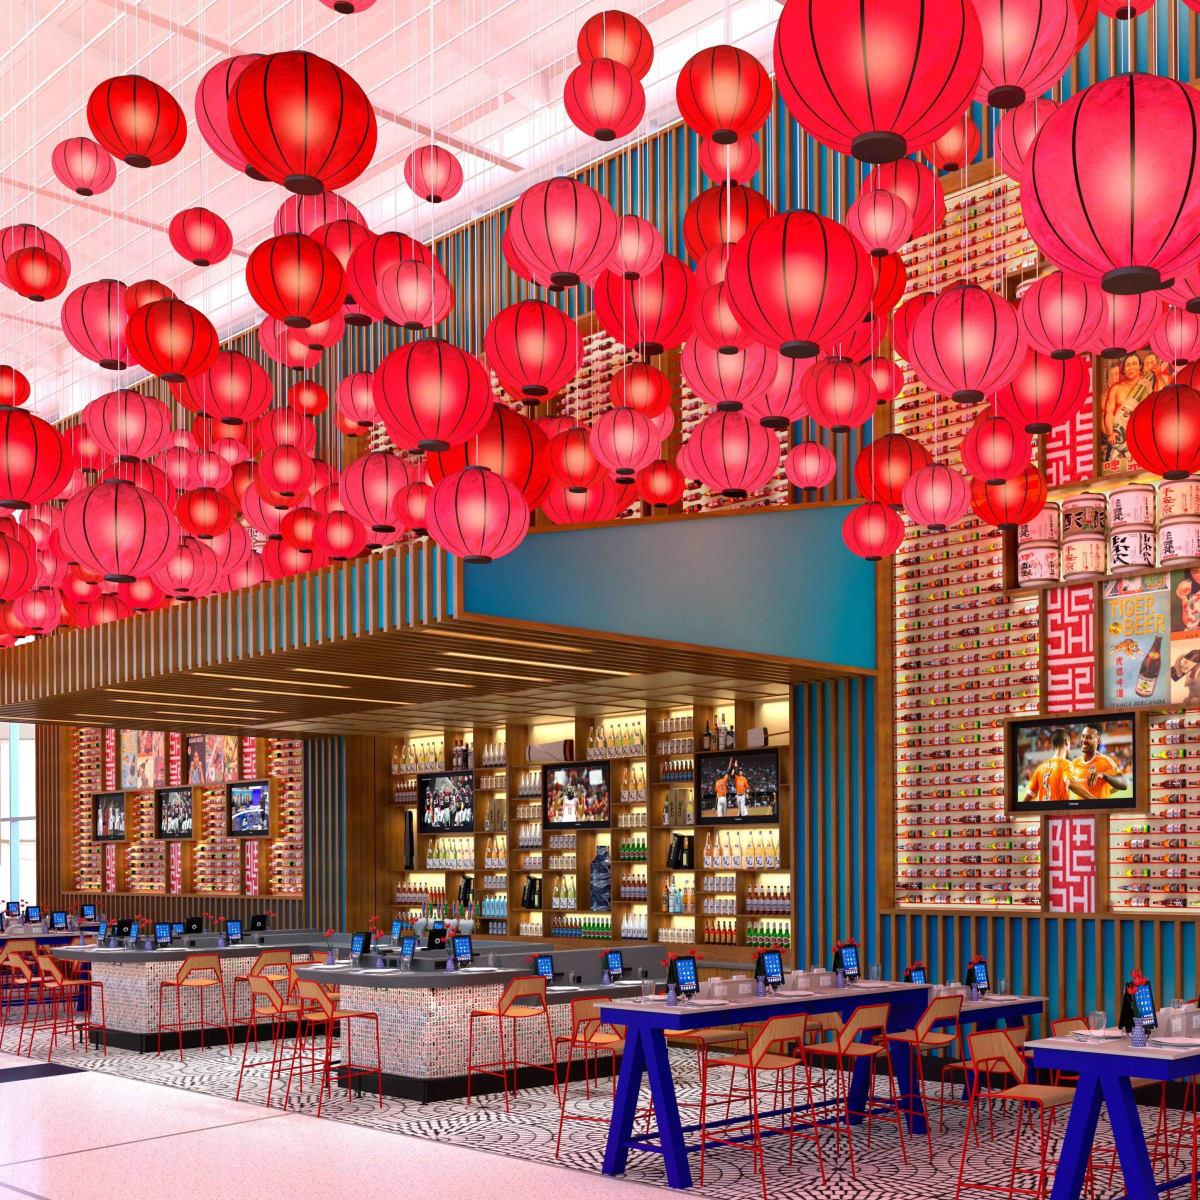 Yume restaurant at Bush Intercontinental Airport